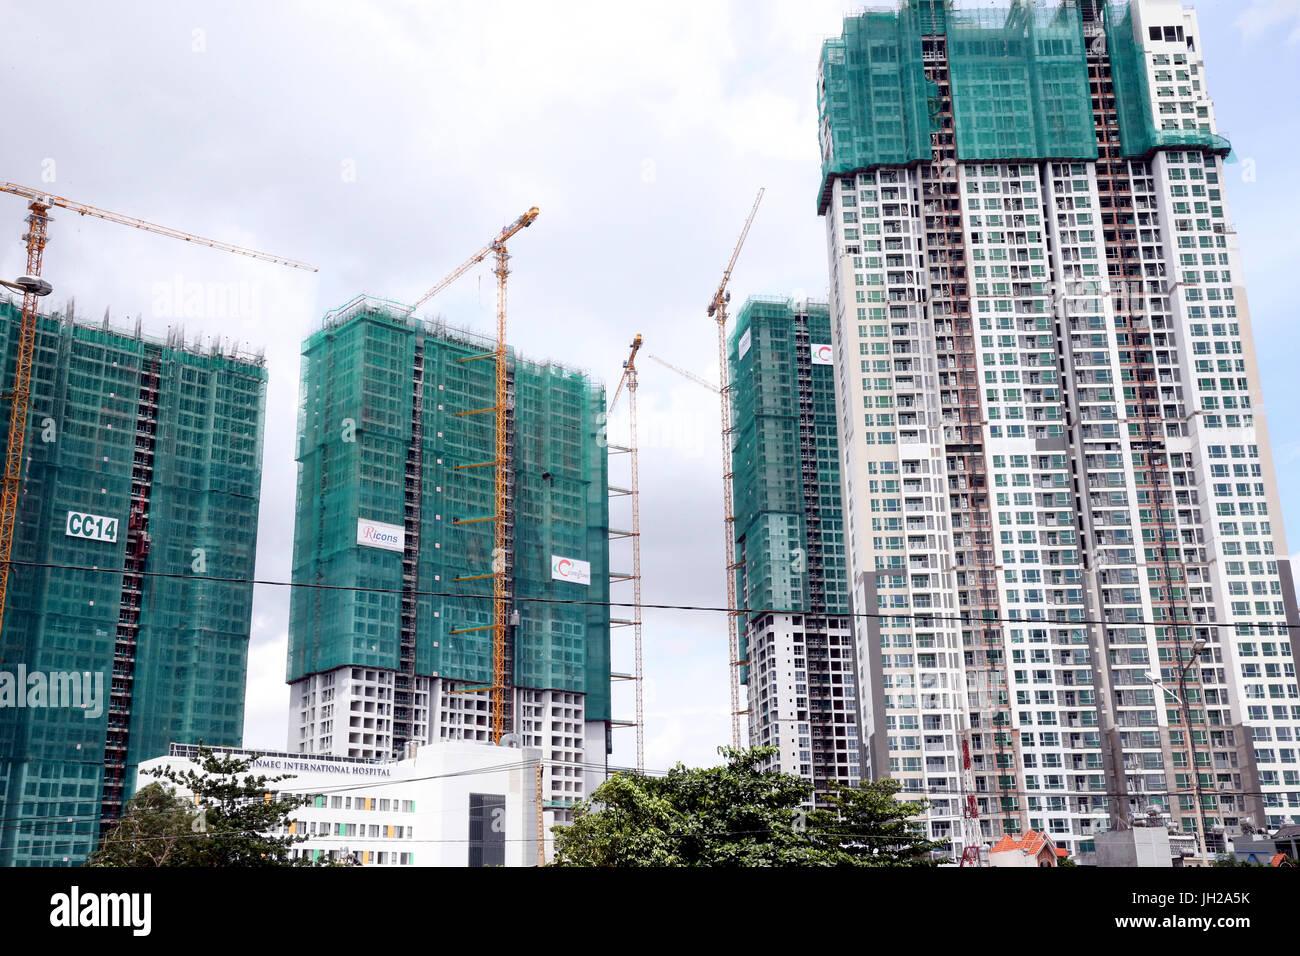 El sitio de construcción en Saigón Sur, una mezcla de desarrollo urbano residencial y comercial que cubre 3.300 hectáreas. Ho Chi Minh City. Vietnam. Foto de stock